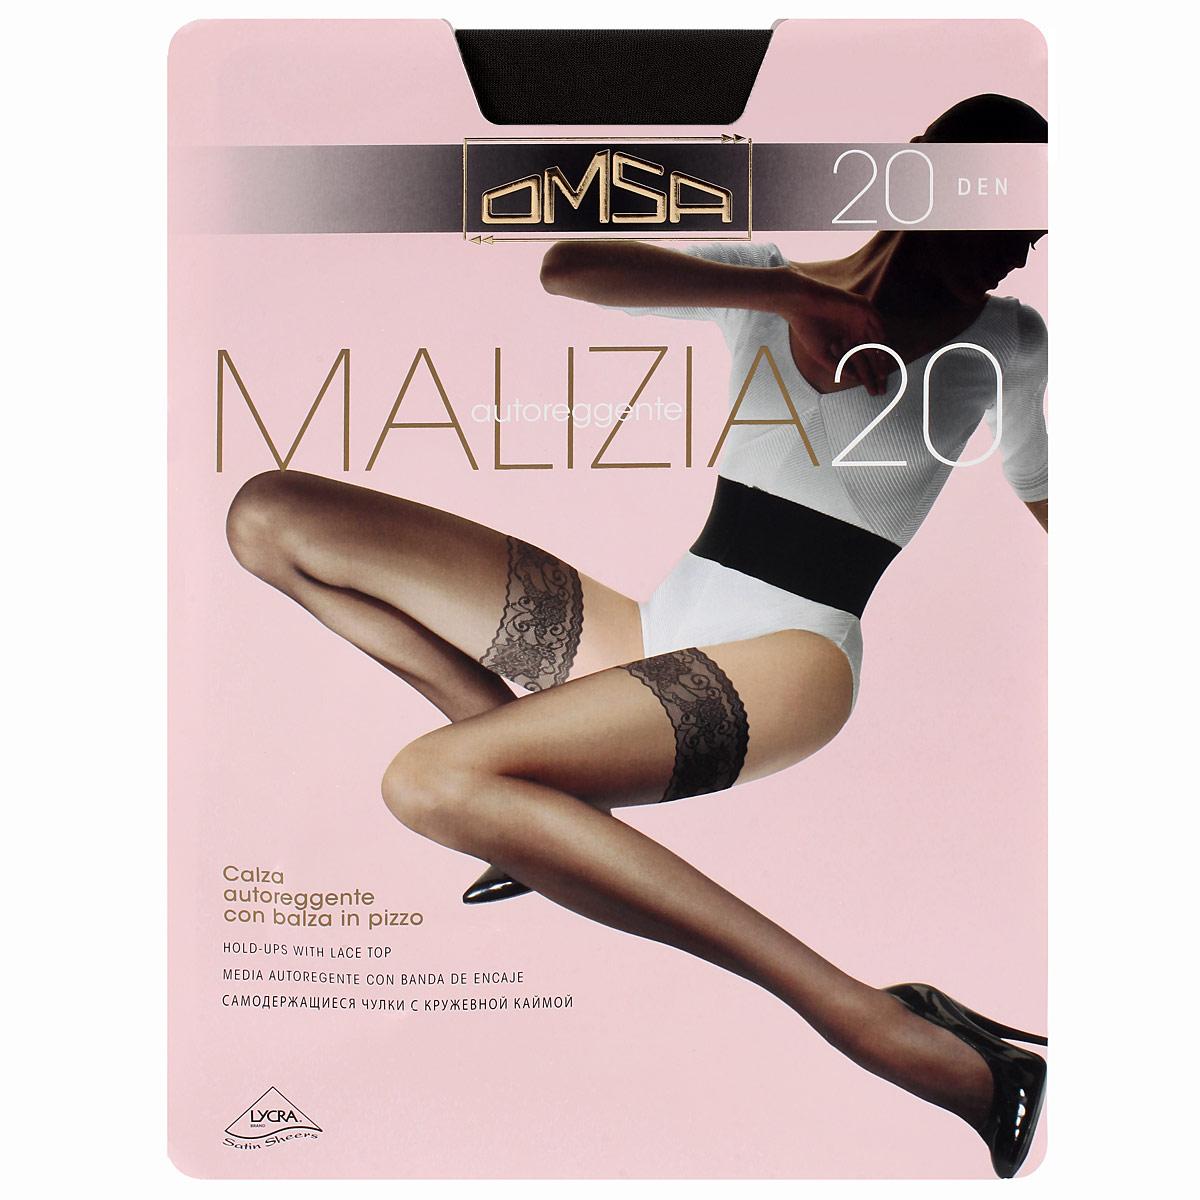 Malizia 20_BiancoЧулки с элегантной фиксирующей резинкой на силиконовой основе и незаметным усиленным носком. Плотность: 20 ден.